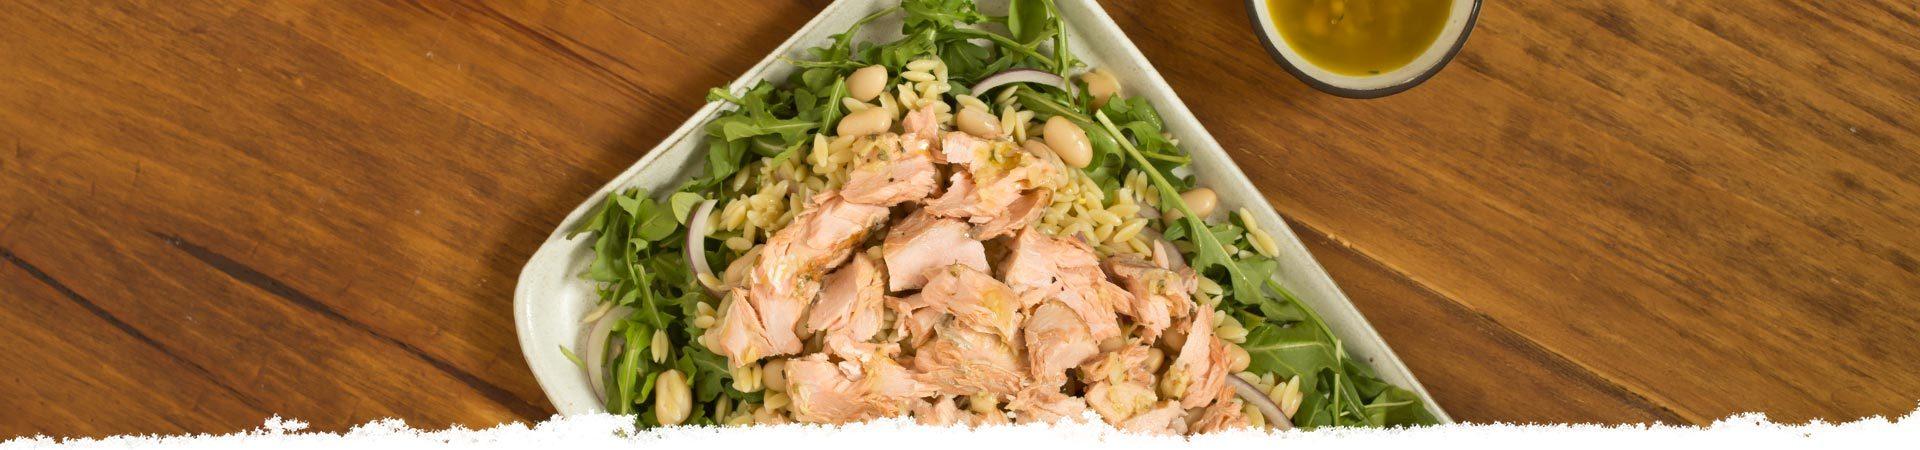 Italian Salmon Salad